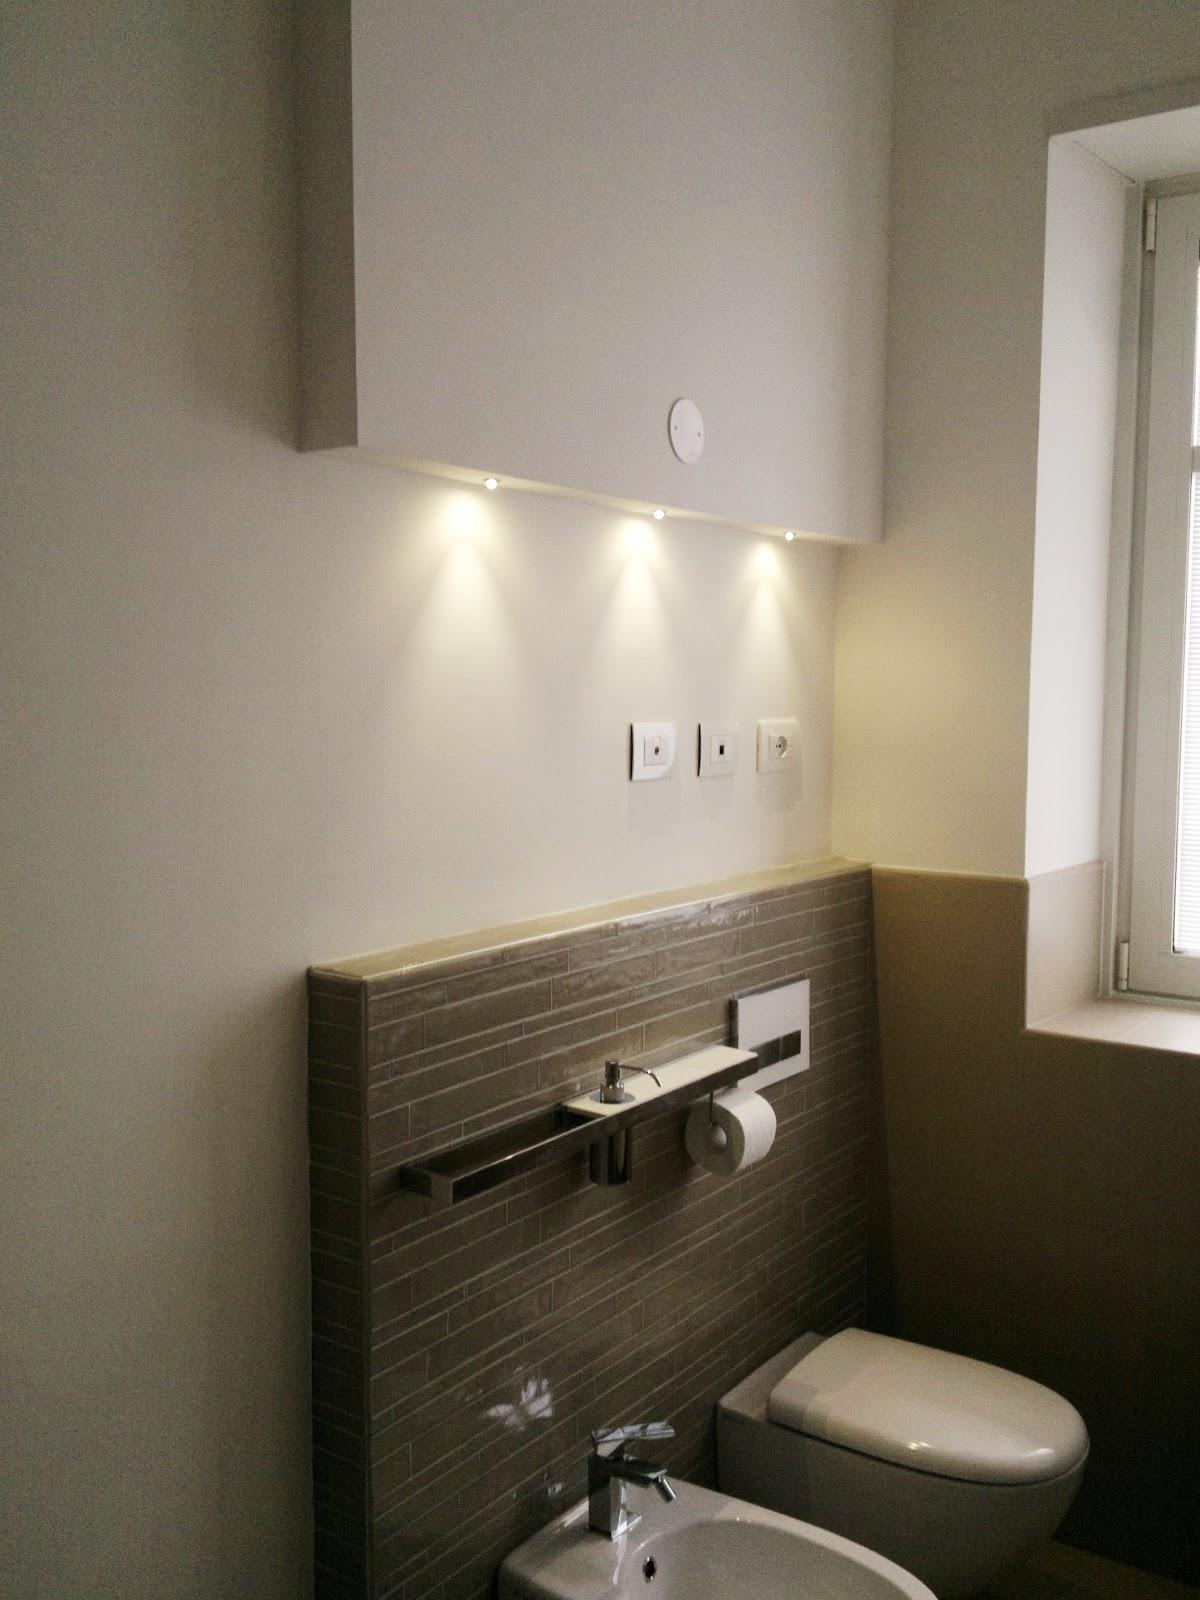 Illuminazione Led casa: Illuminare a Led gli ambienti con ...